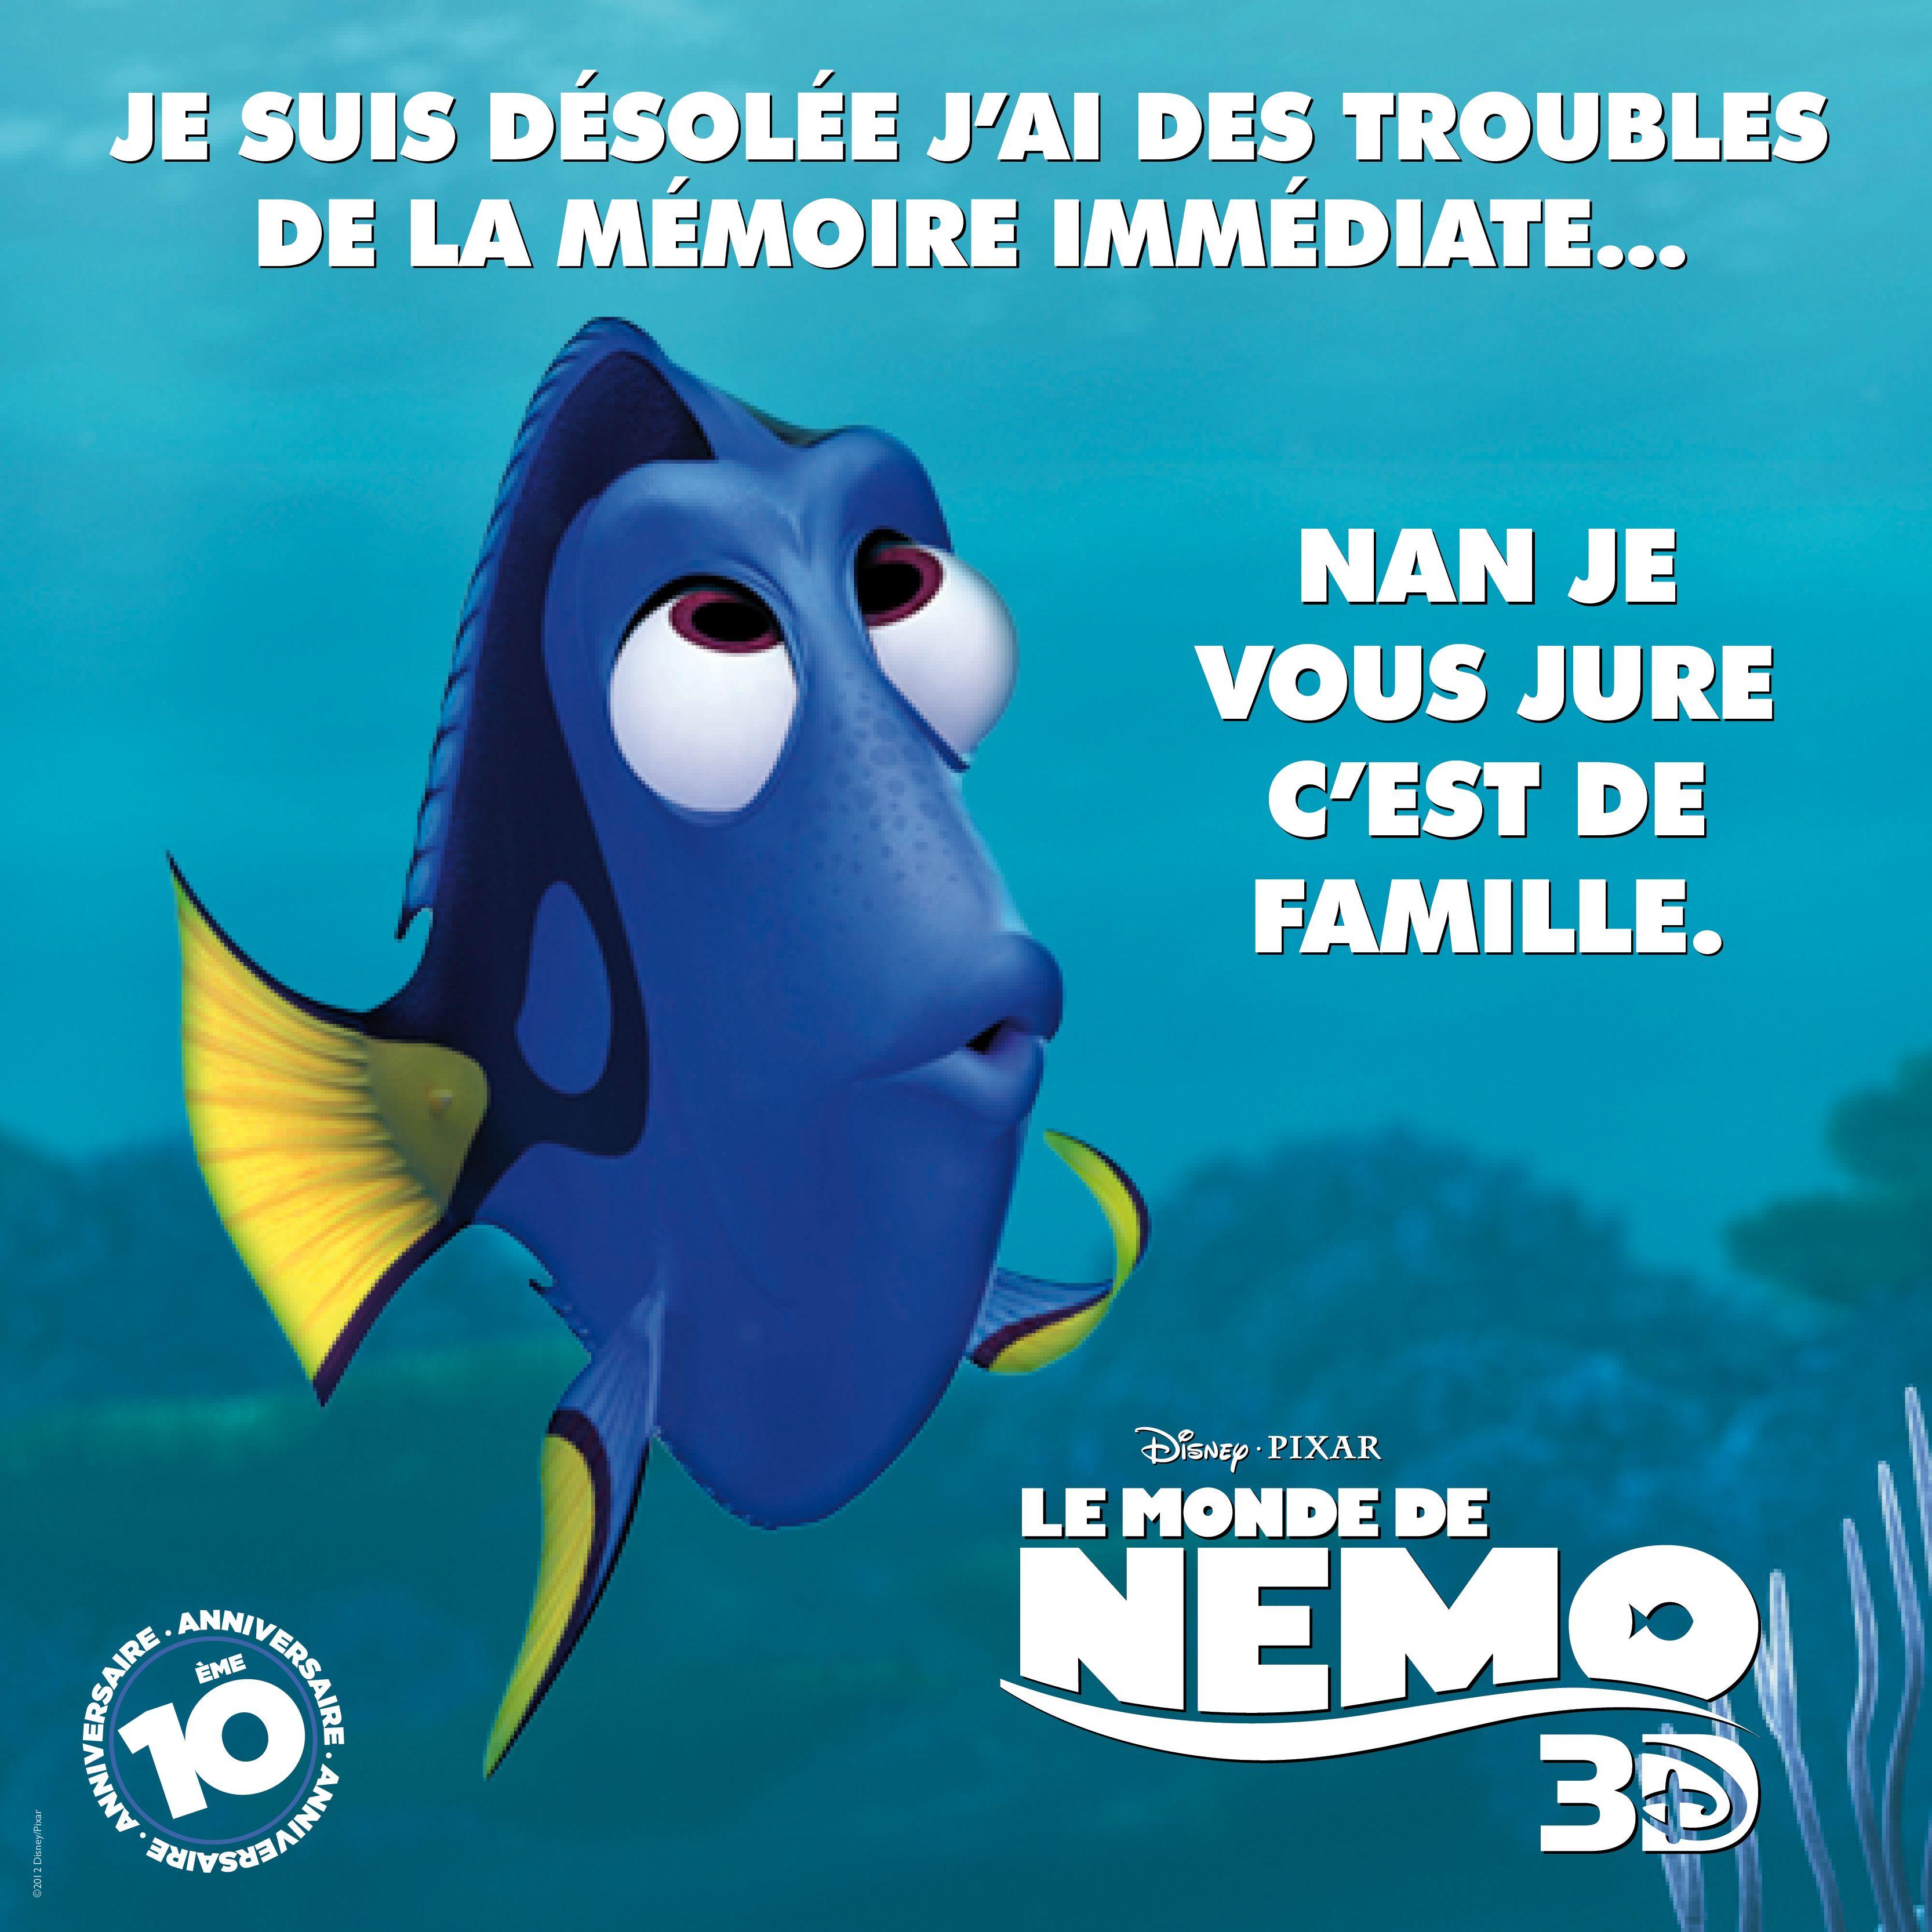 Dory le monde de nemo dory le citascope pinterest - Nemo et doris ...